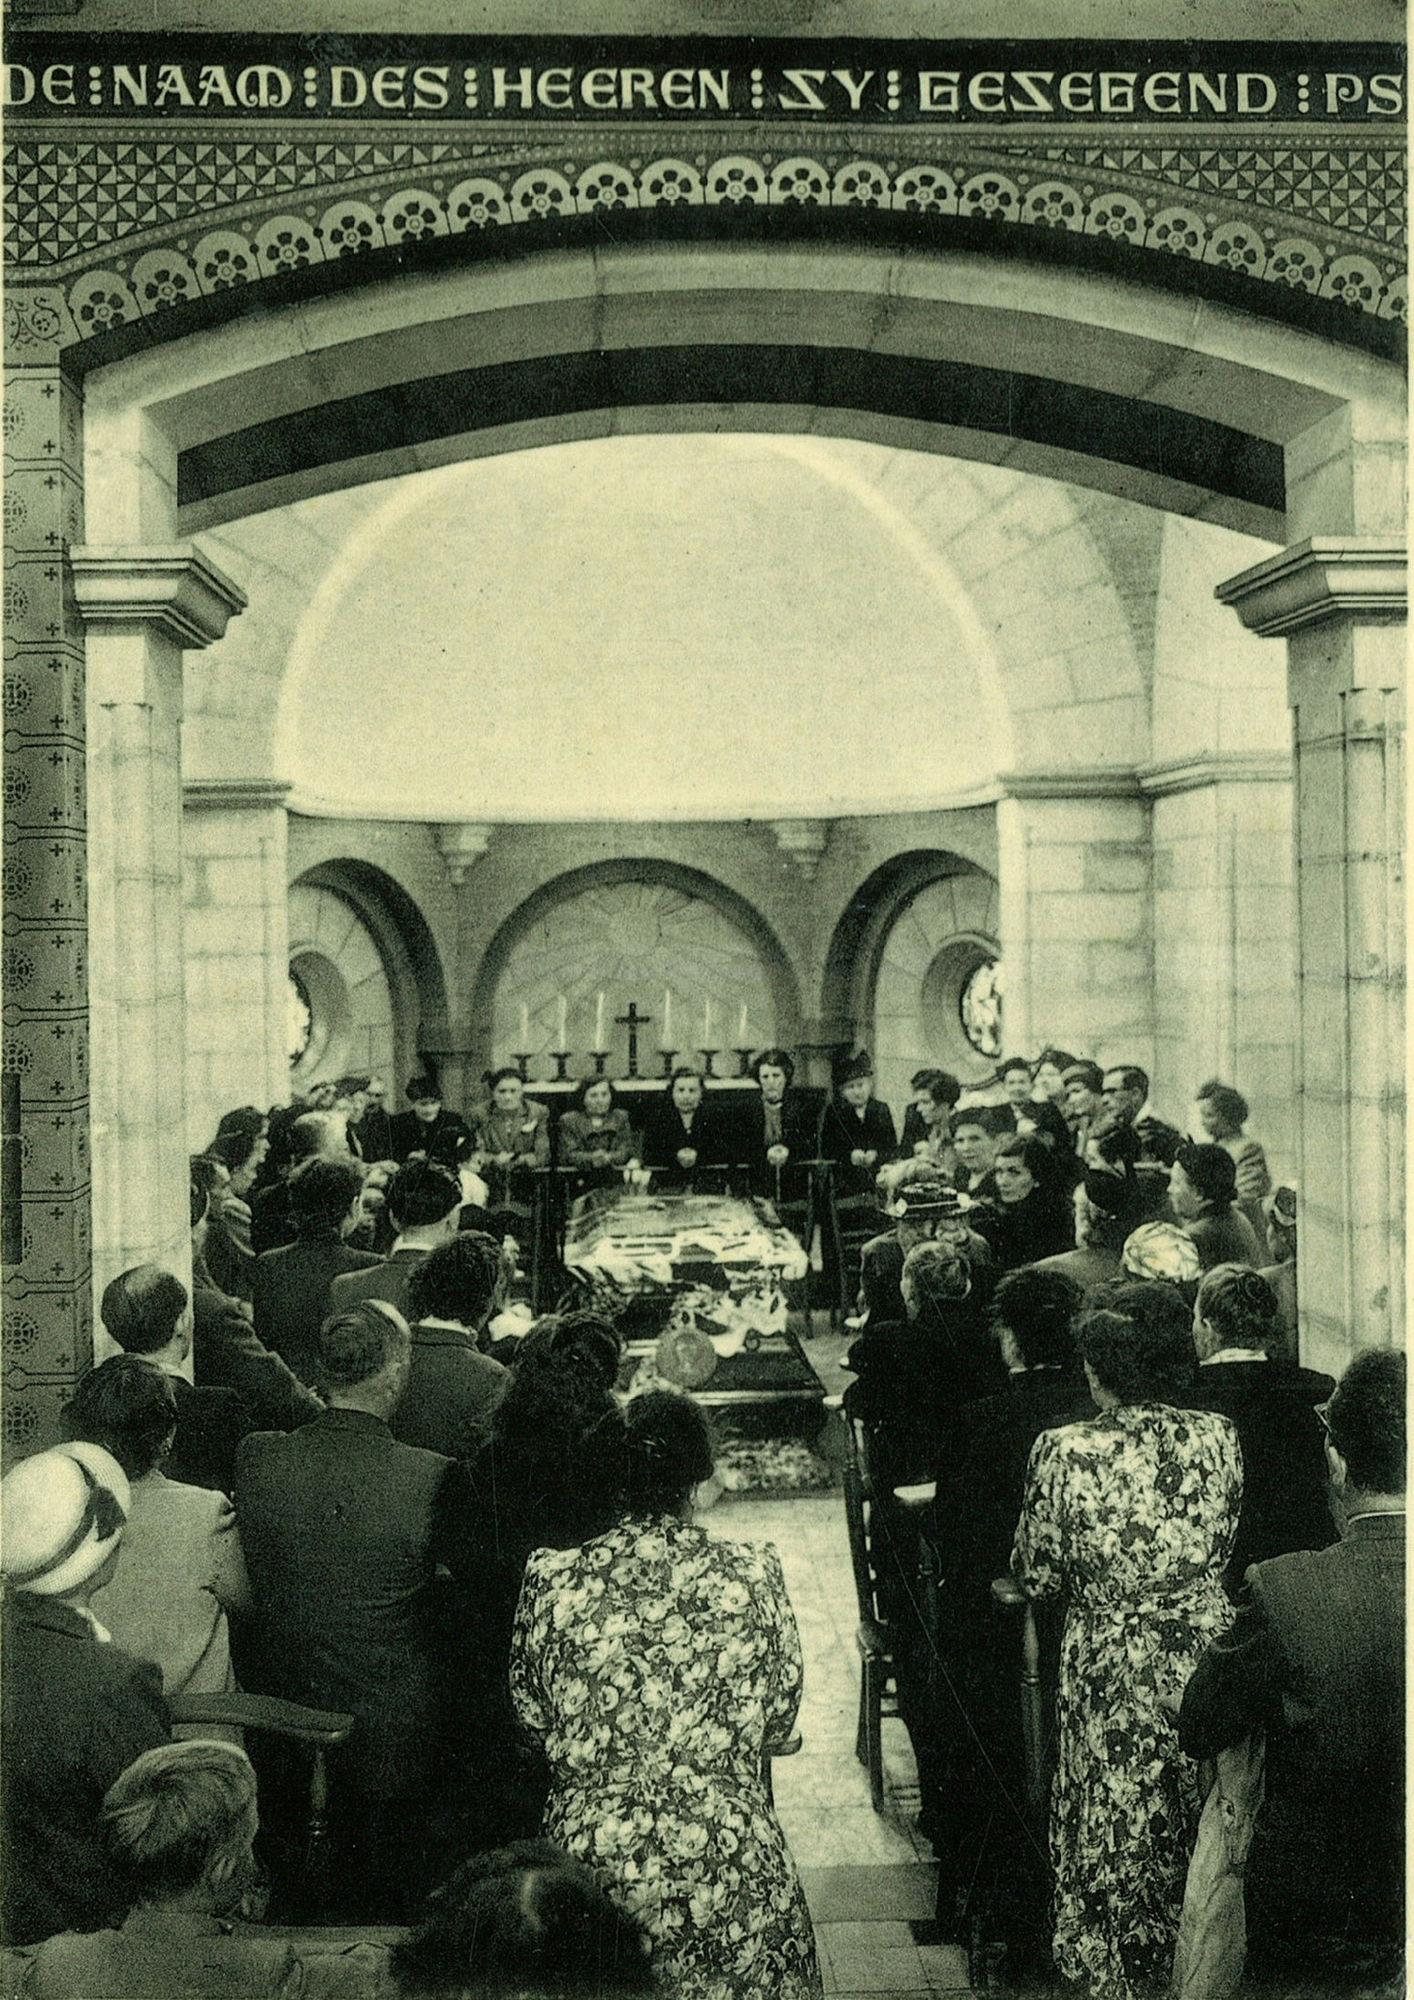 Pater Passionisten, kapel van Broeder Isidoor